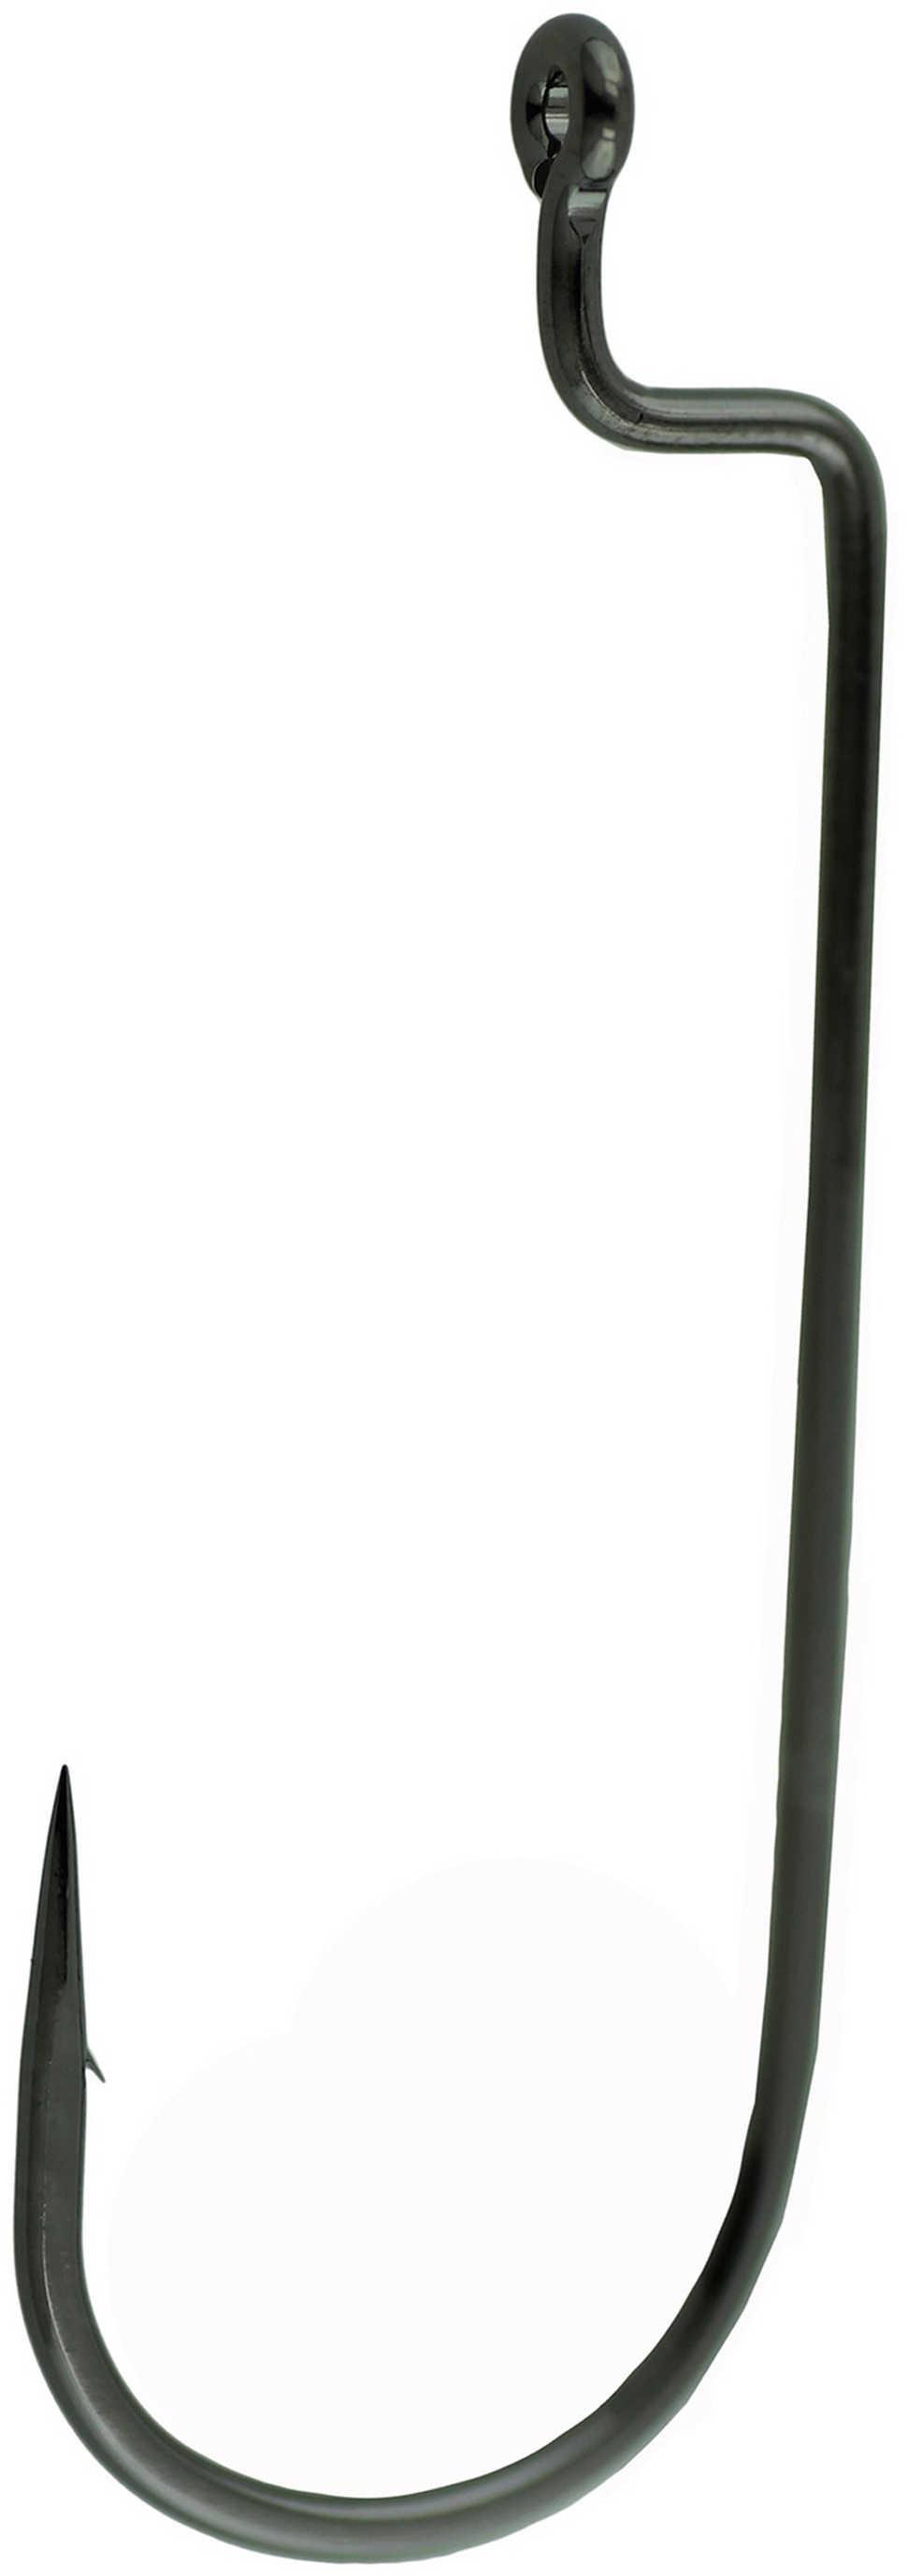 Gamakatsu / Spro Gamakatsu Worm Hook Wide Black Offset 25Pk 3/0 Md#: 54413-25